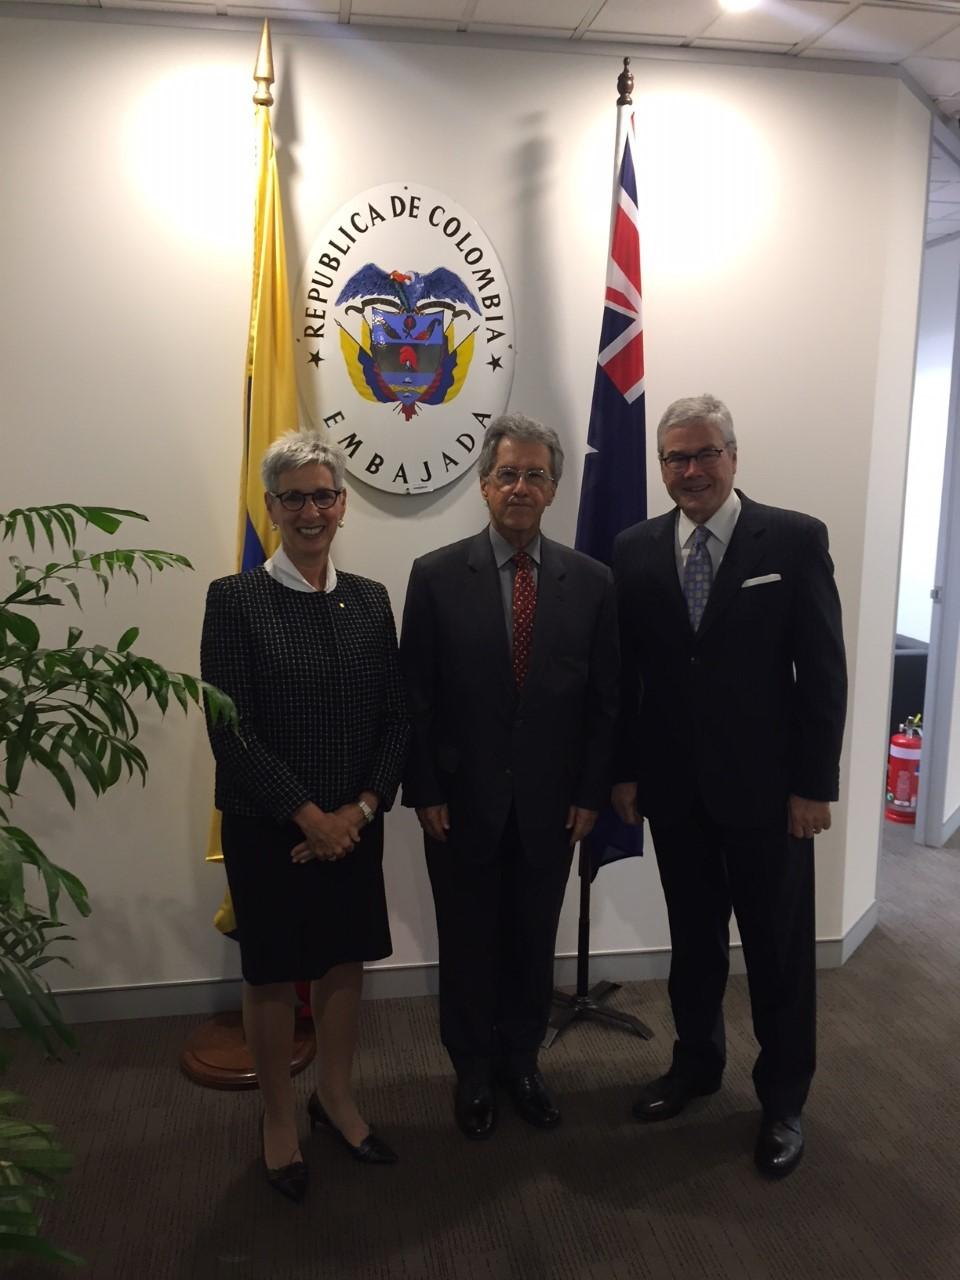 Embajador de Colombia en Australia, Jaime Bueno Miranda, atendió la visita de cortesía de la Gobernadora del Estado de Victoria, Hon. Linda Dessau AC.